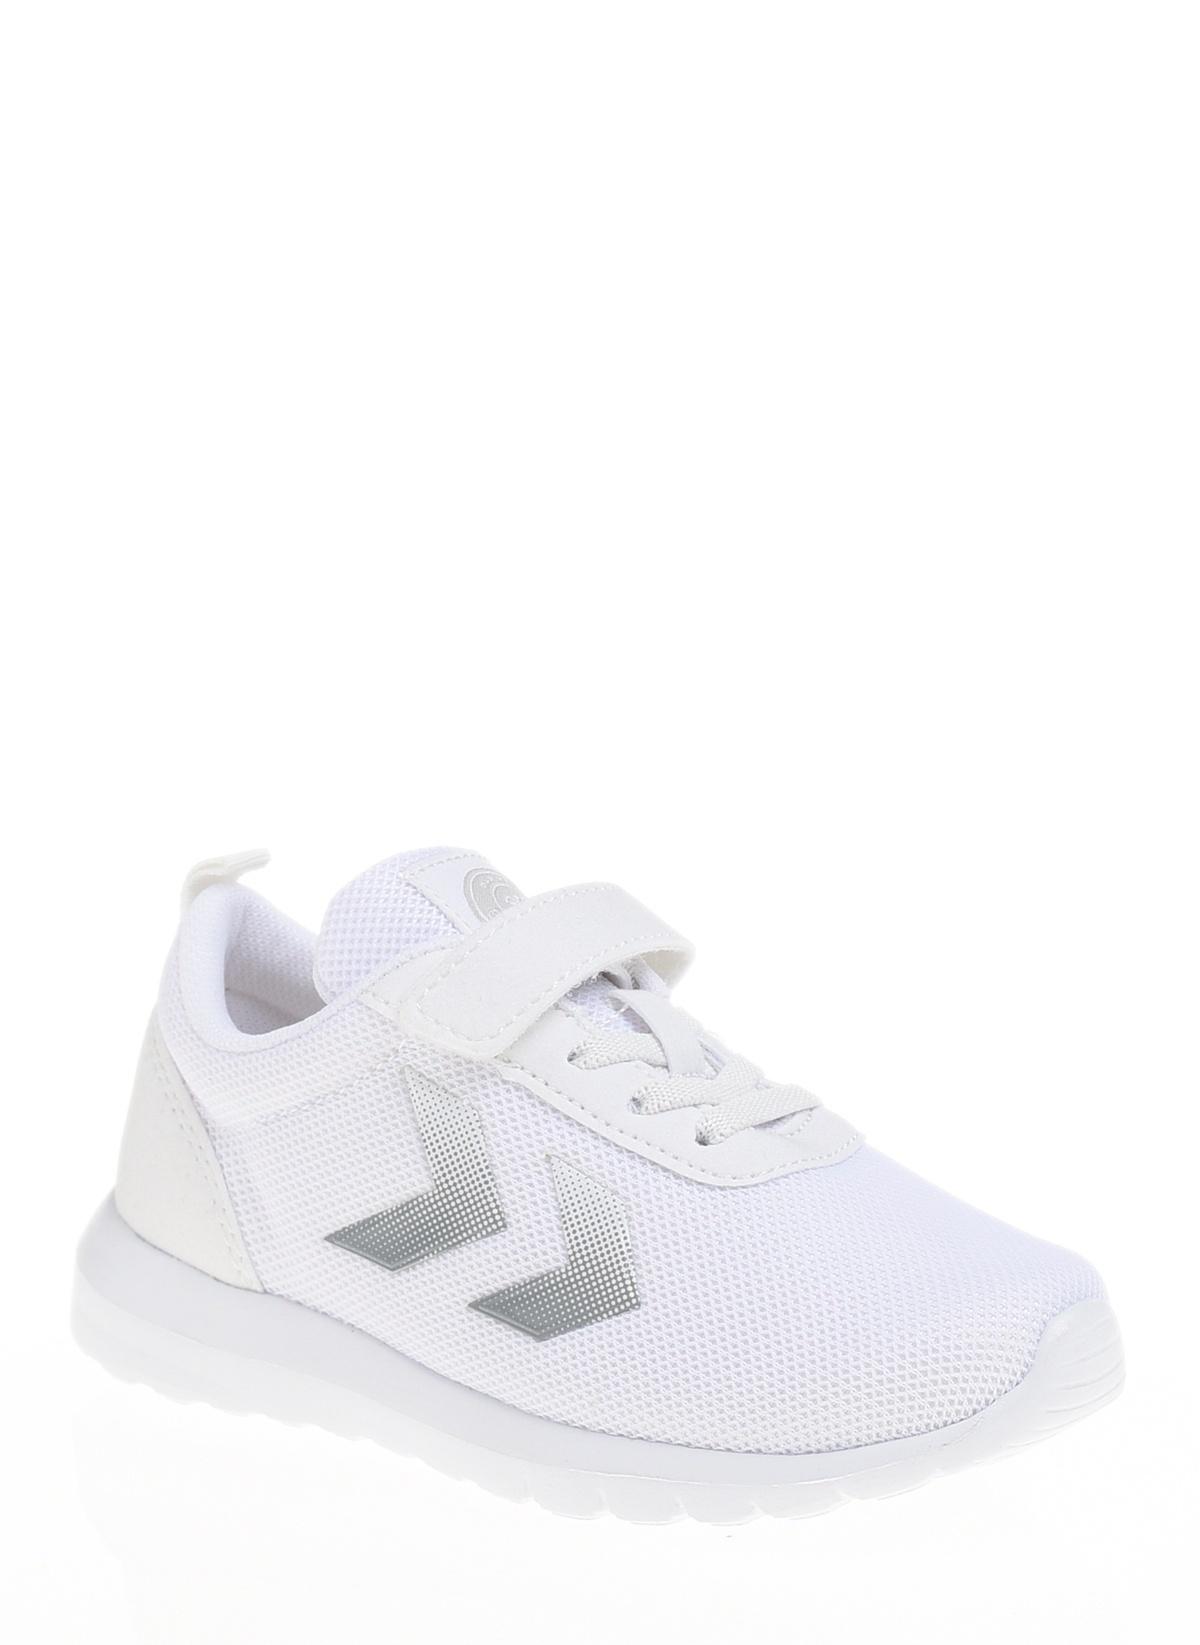 Hummel Unisex Cocuk Spor Ayakkabi White Morhipo 26968384